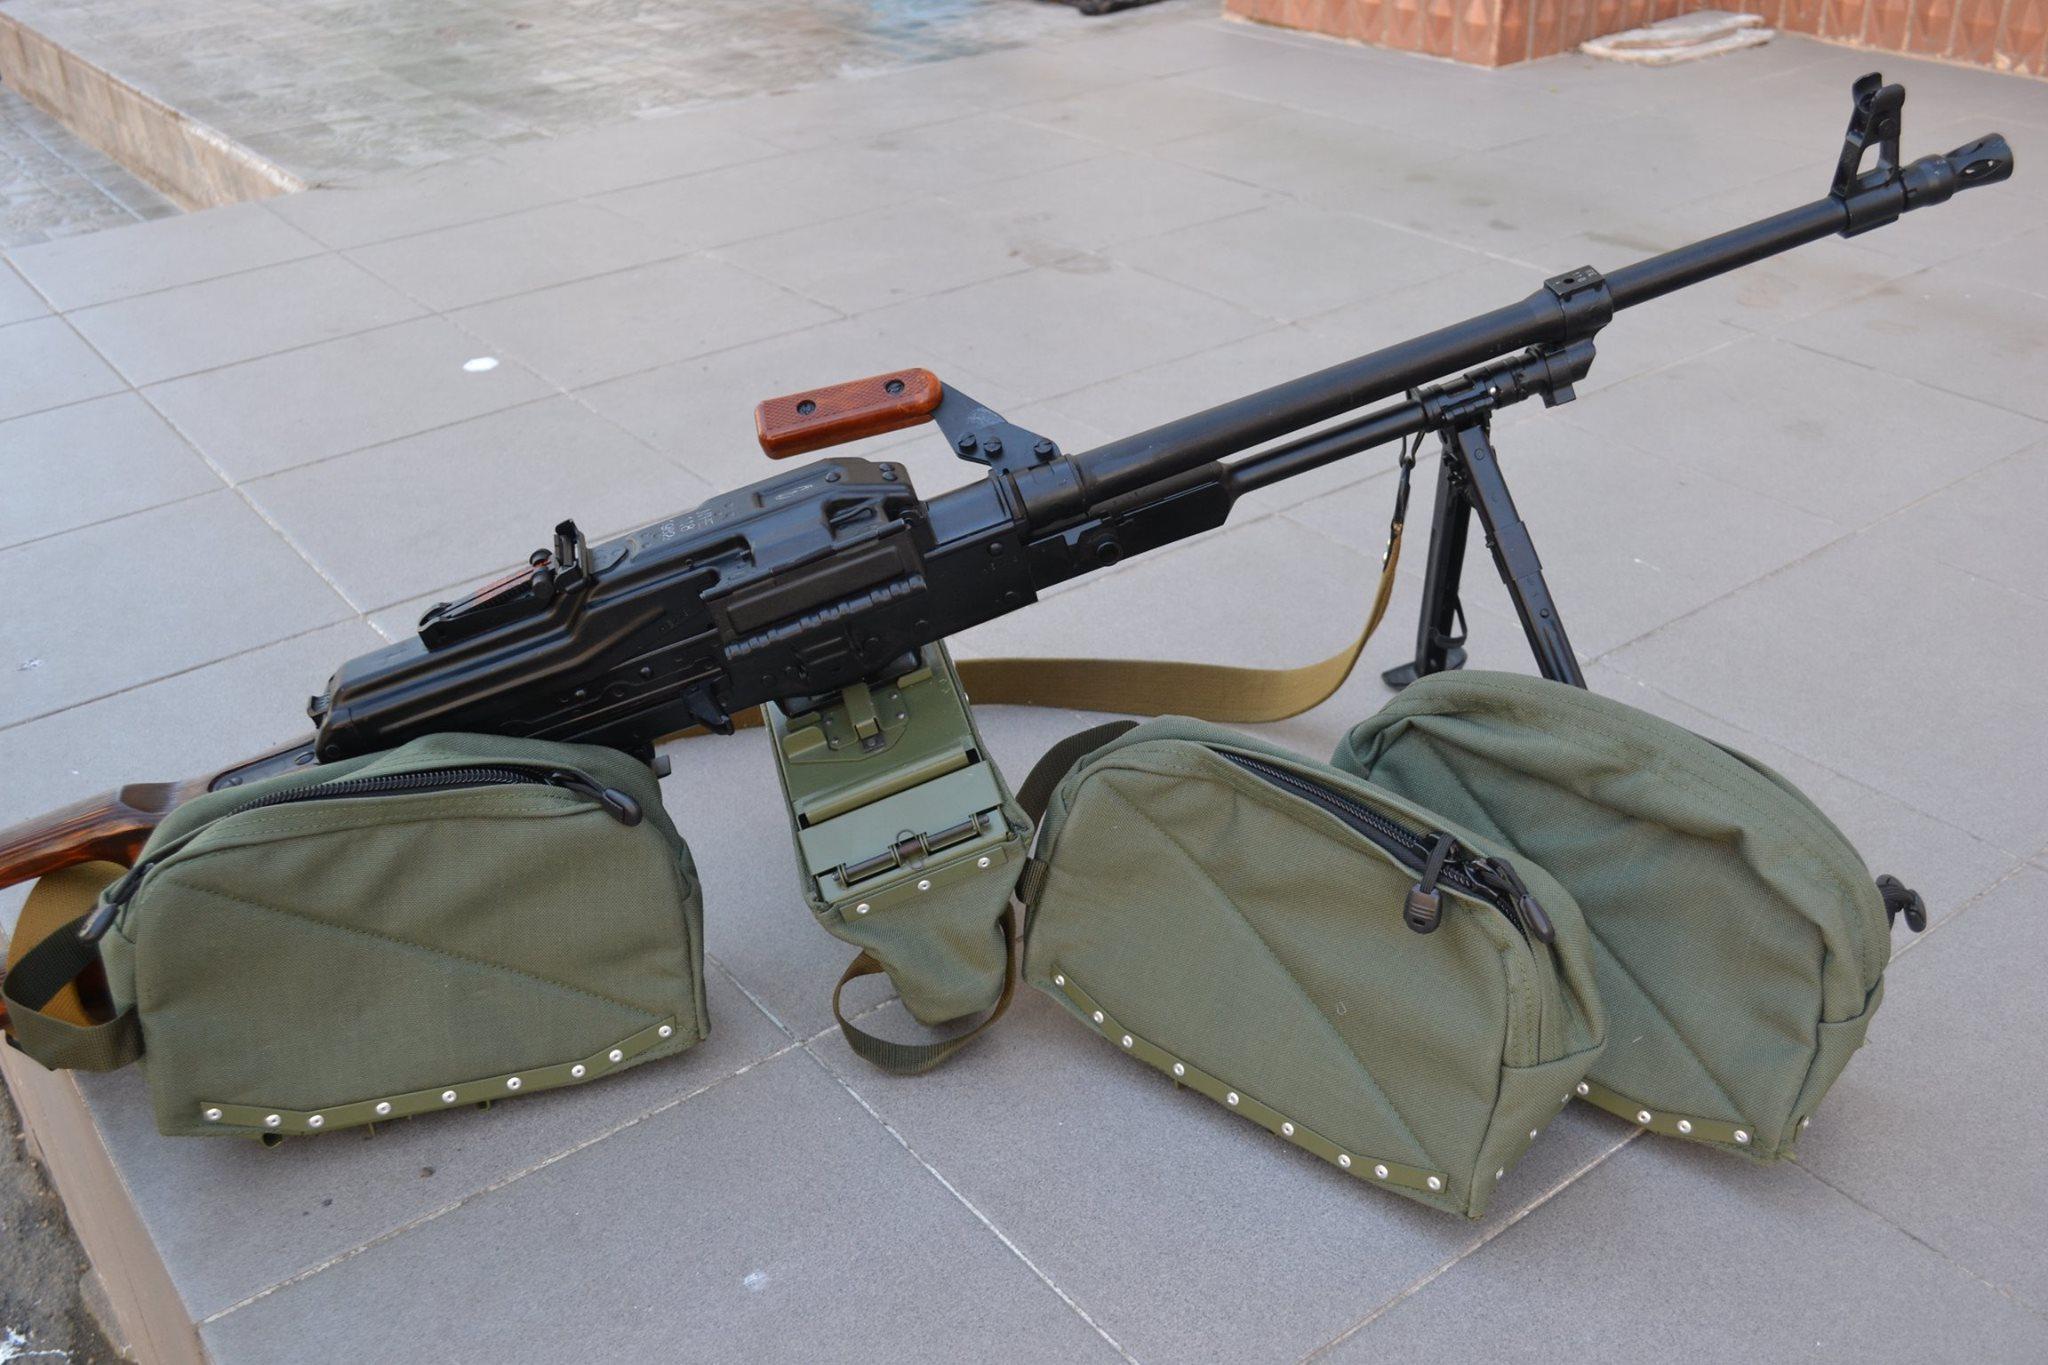 ЗВІТ. Партія м'яких коробів доставлена для 198 Навчального центру Військово-морських Сил України